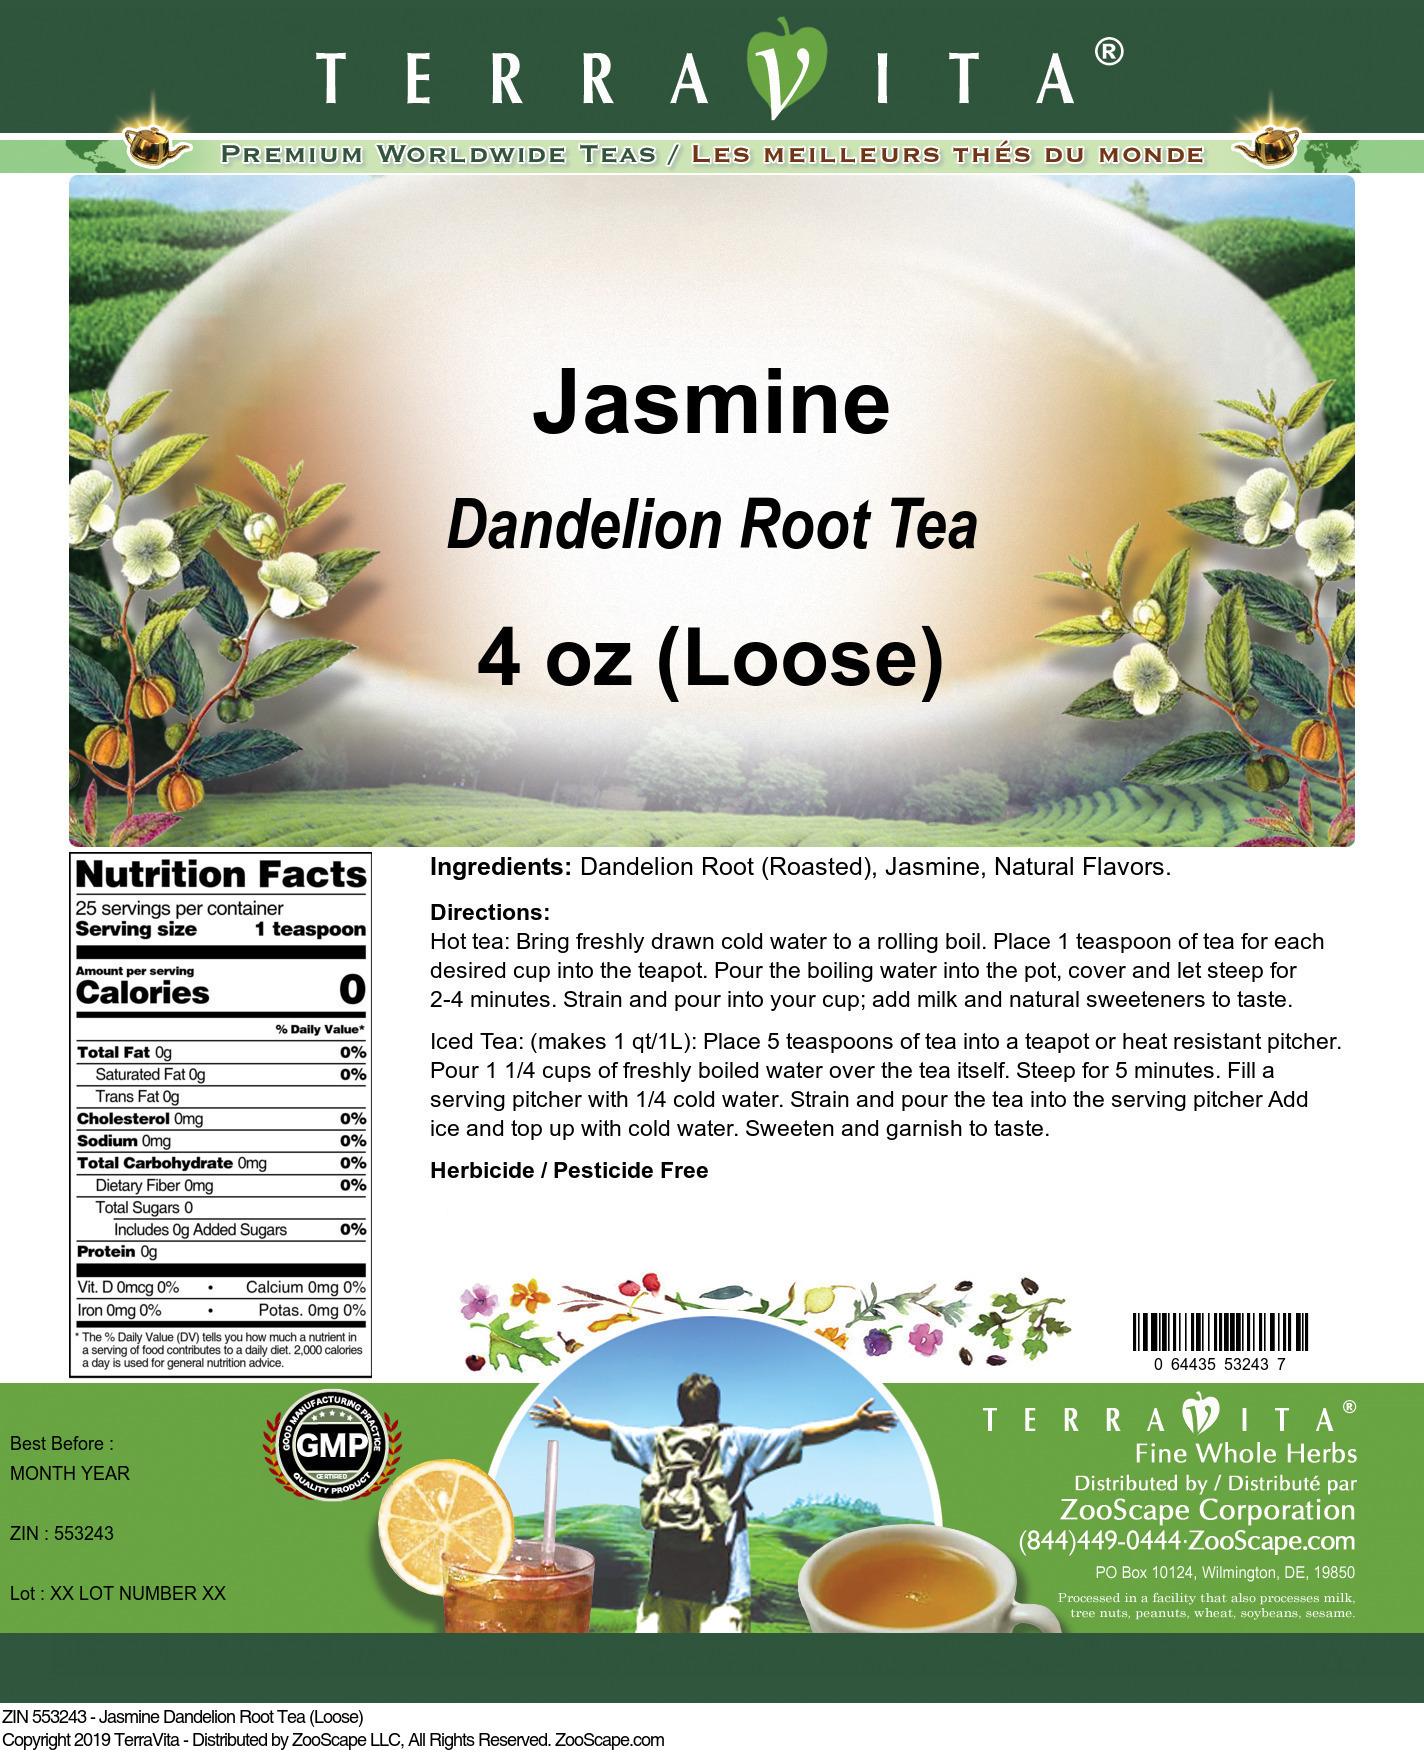 Jasmine Dandelion Root